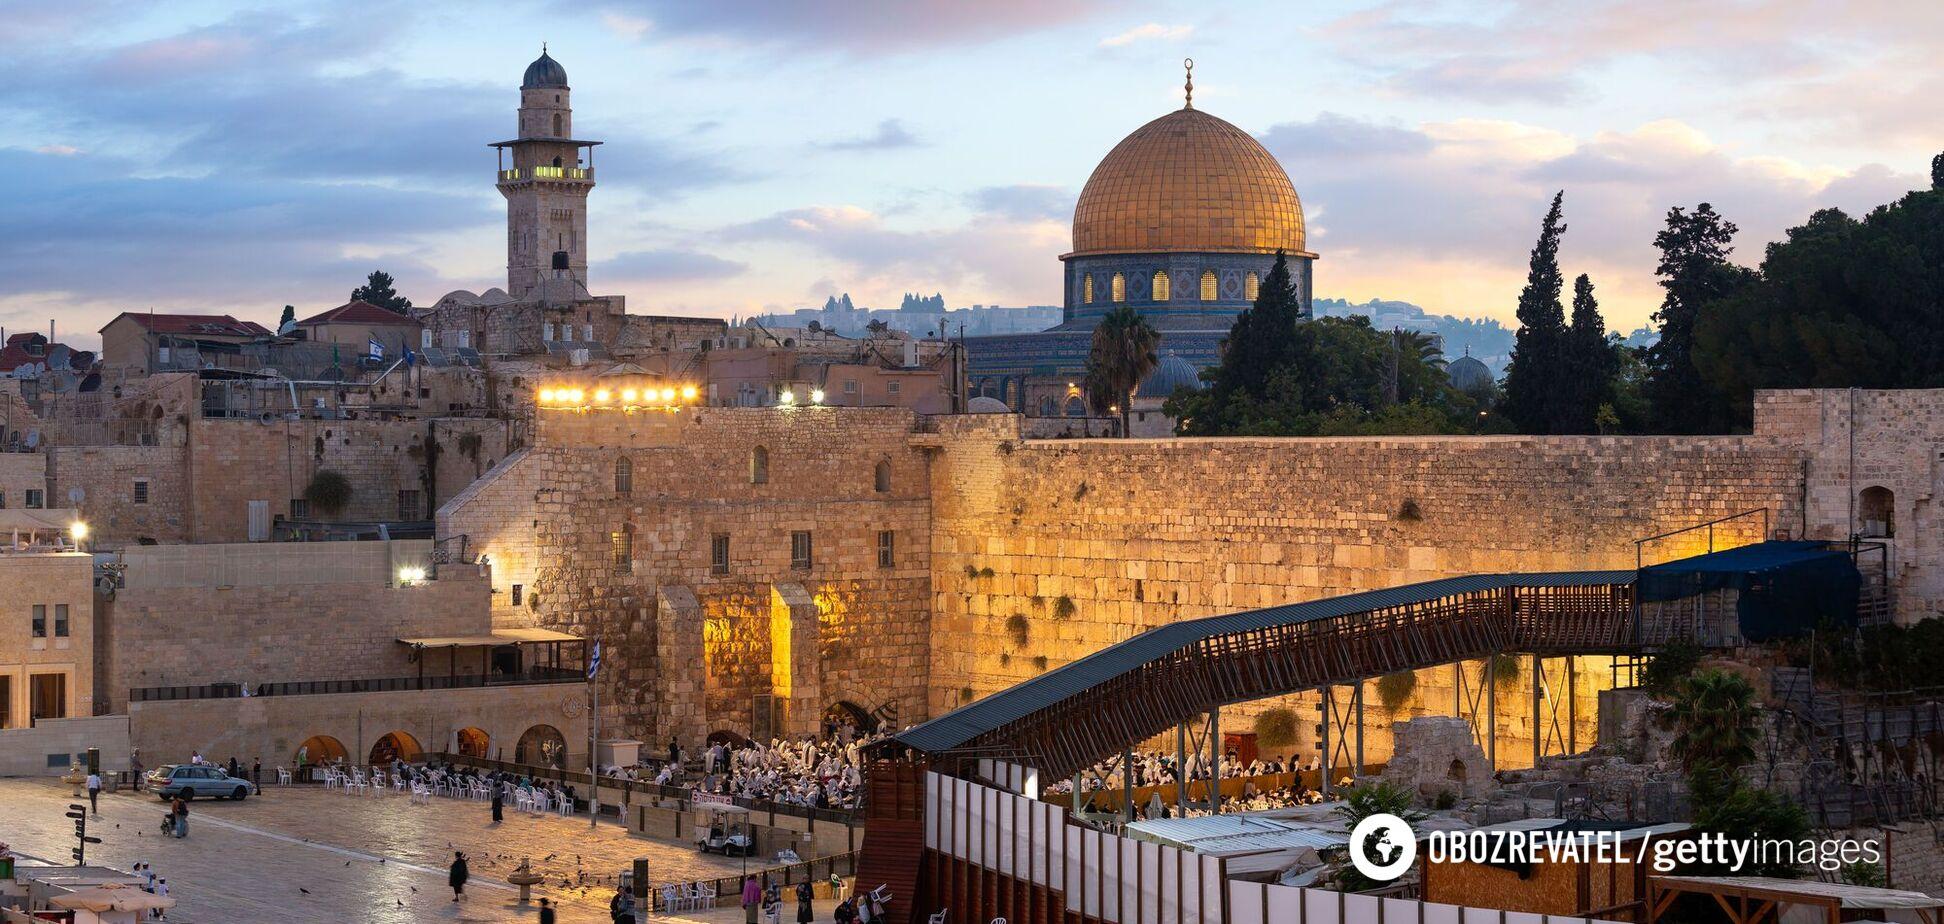 Ізраїль вистоїть! Молимося, щоб і у нас був 'Залізний купол' і на кожну ракету десять протиракет